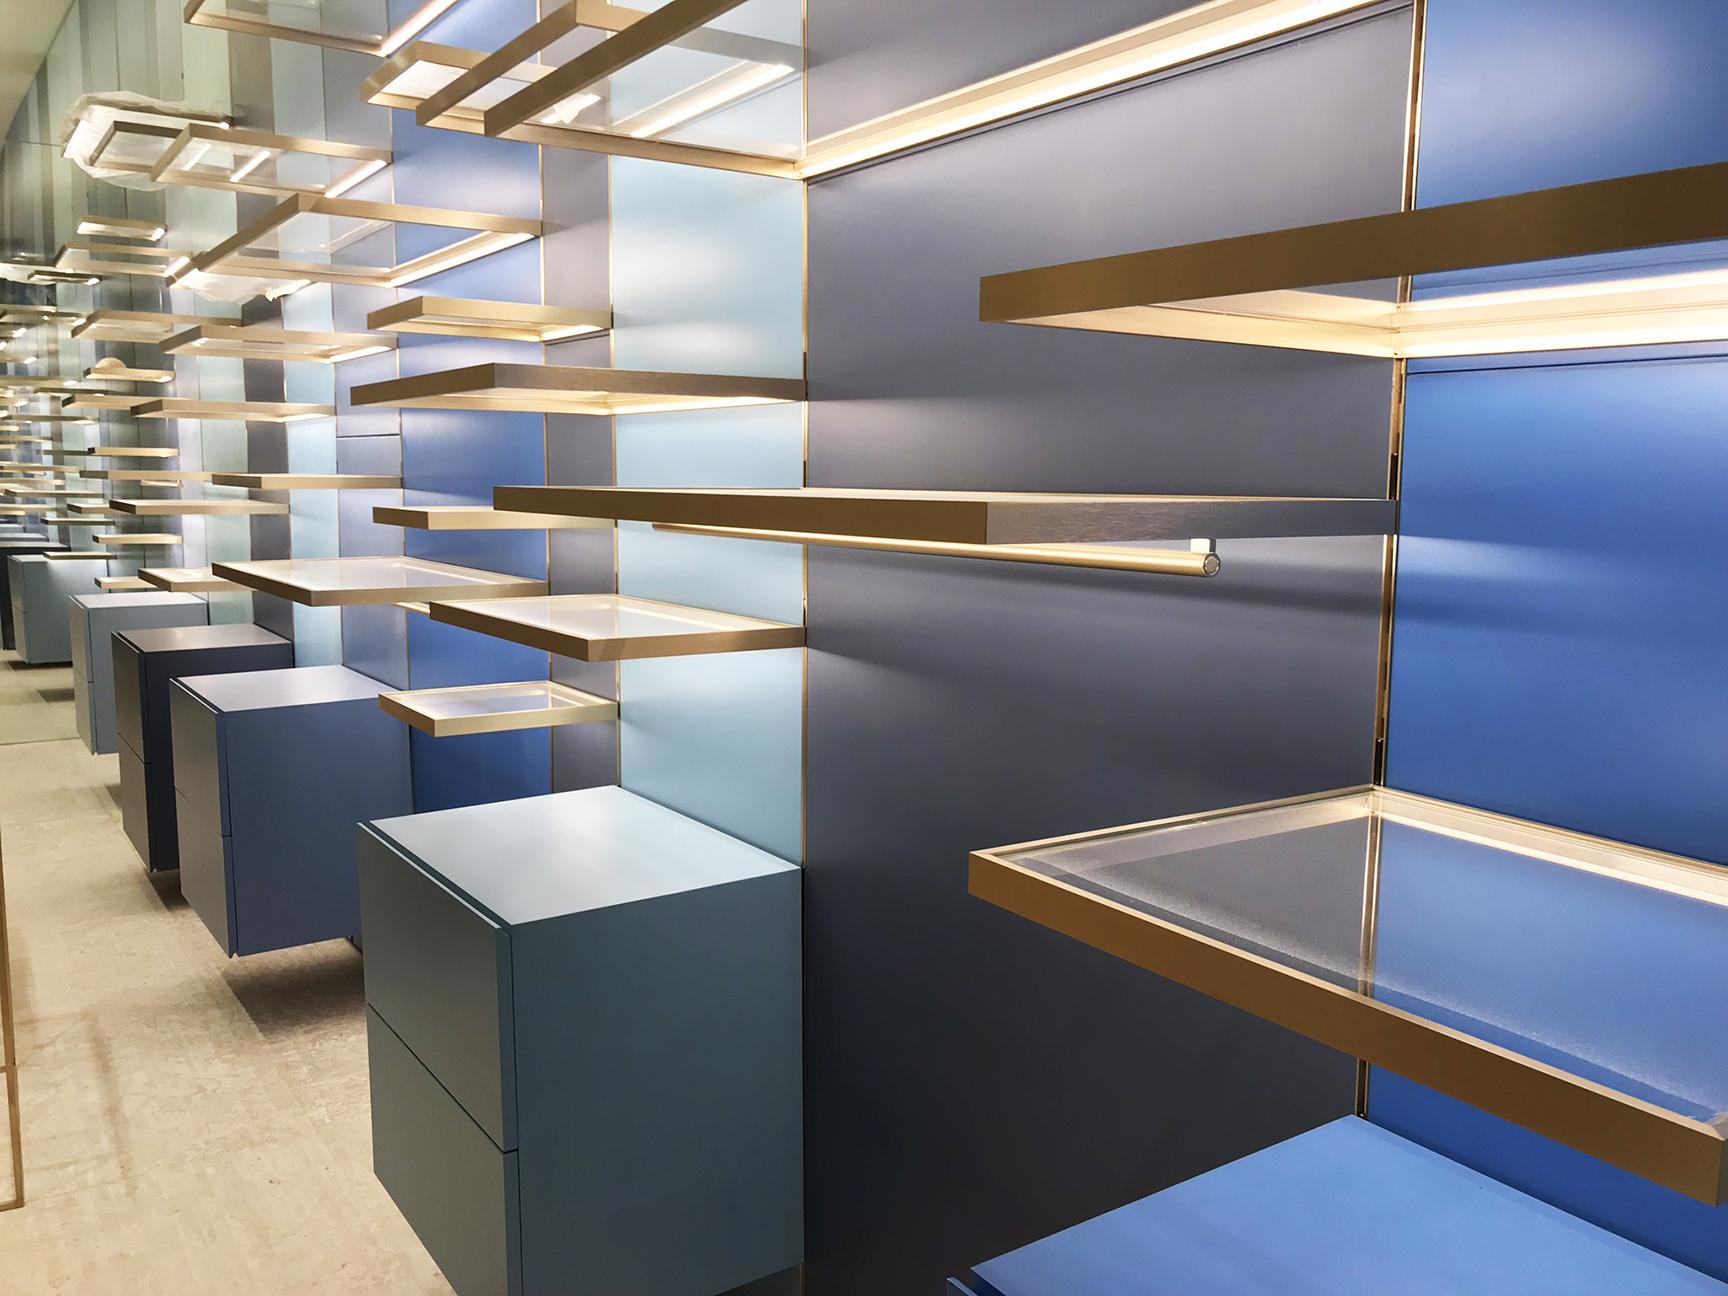 wolf shelves.jpg